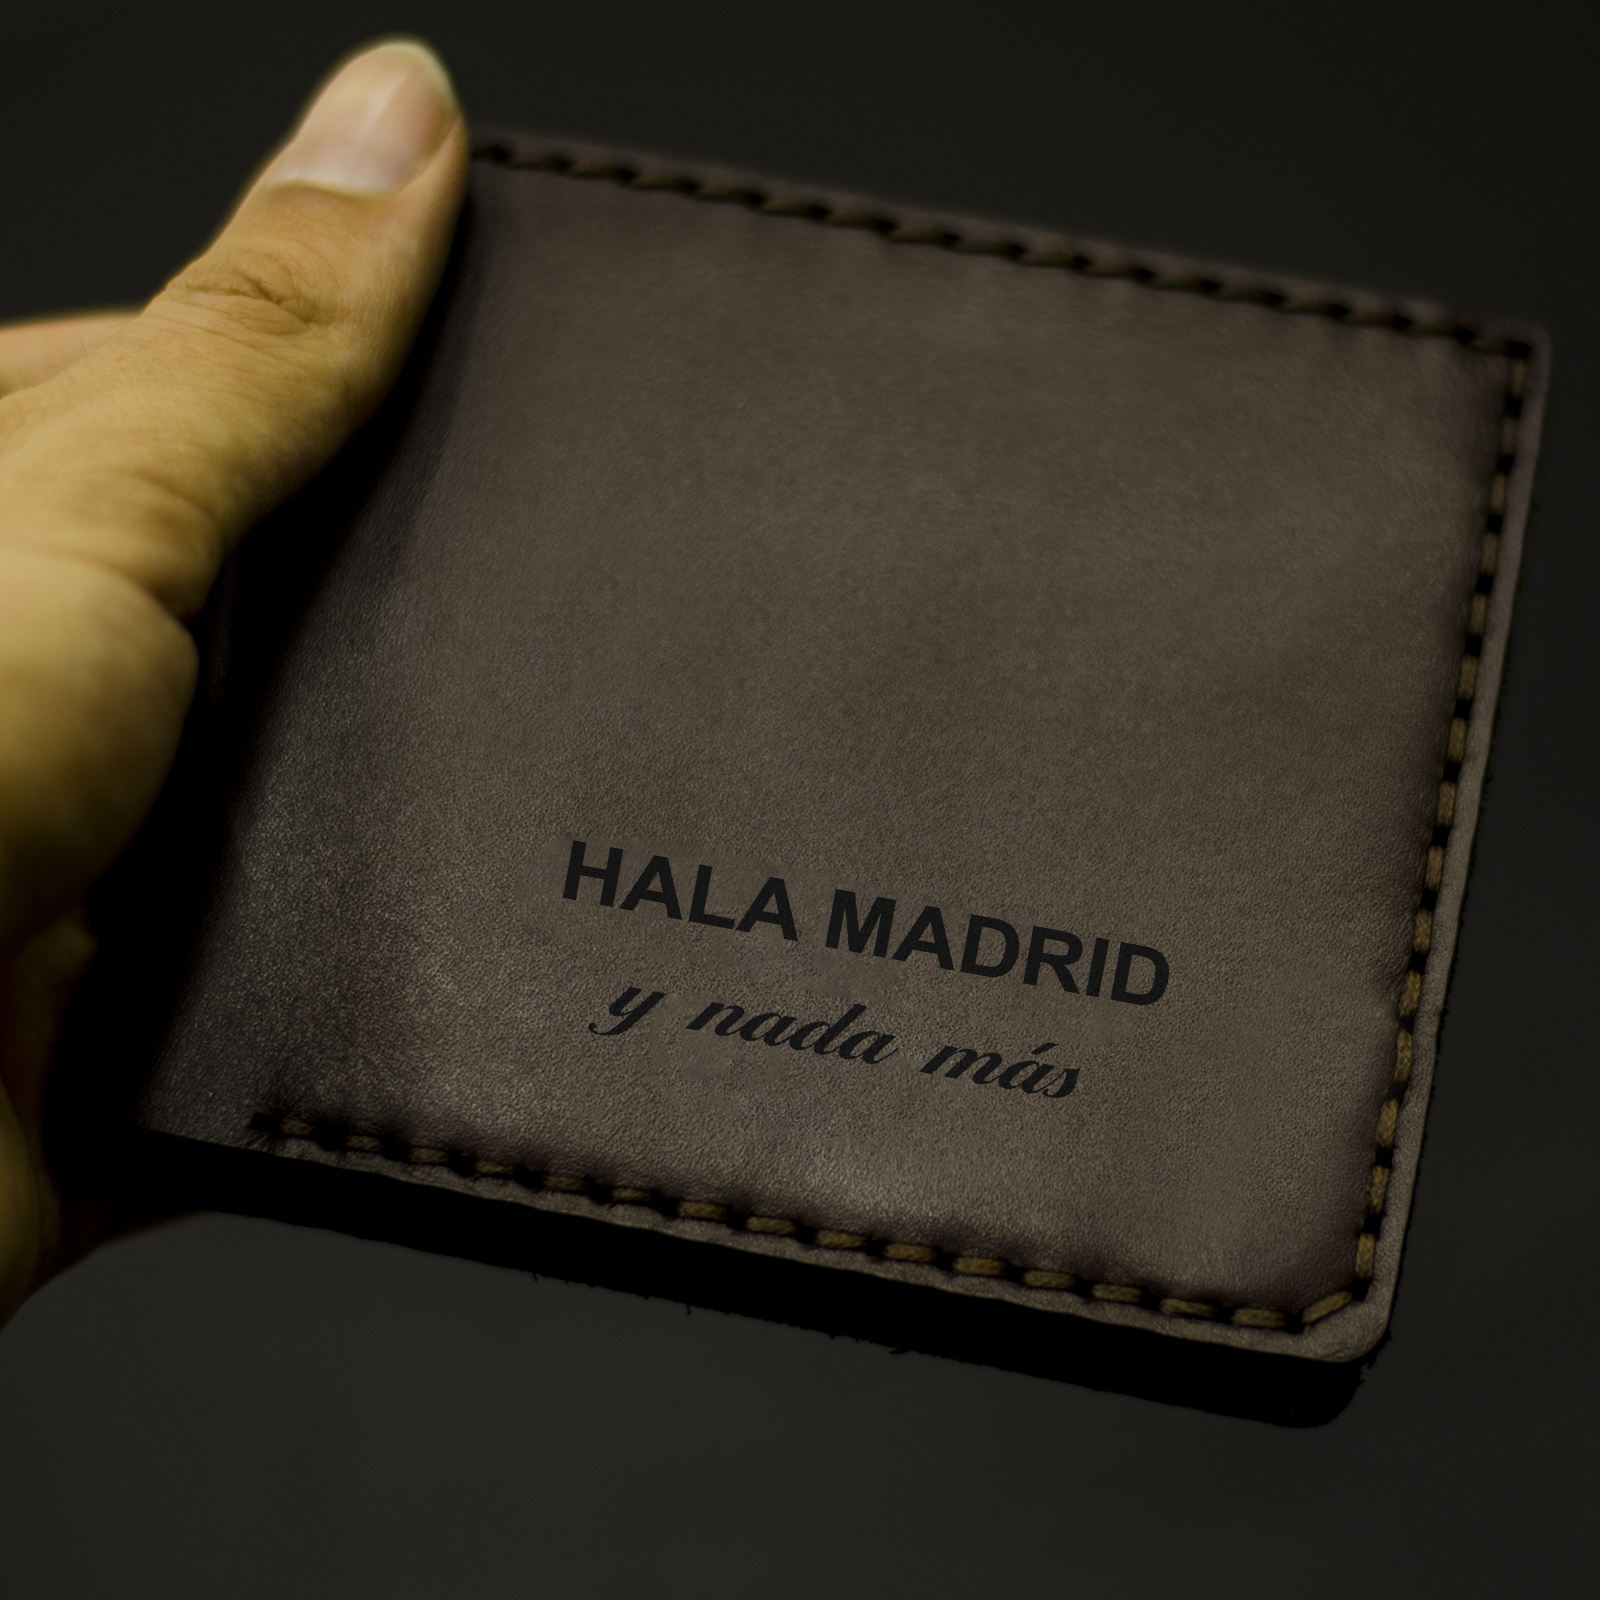 کیف پول چرمینه اسپرت طرح رئال مادرید کد 1007 -  - 3